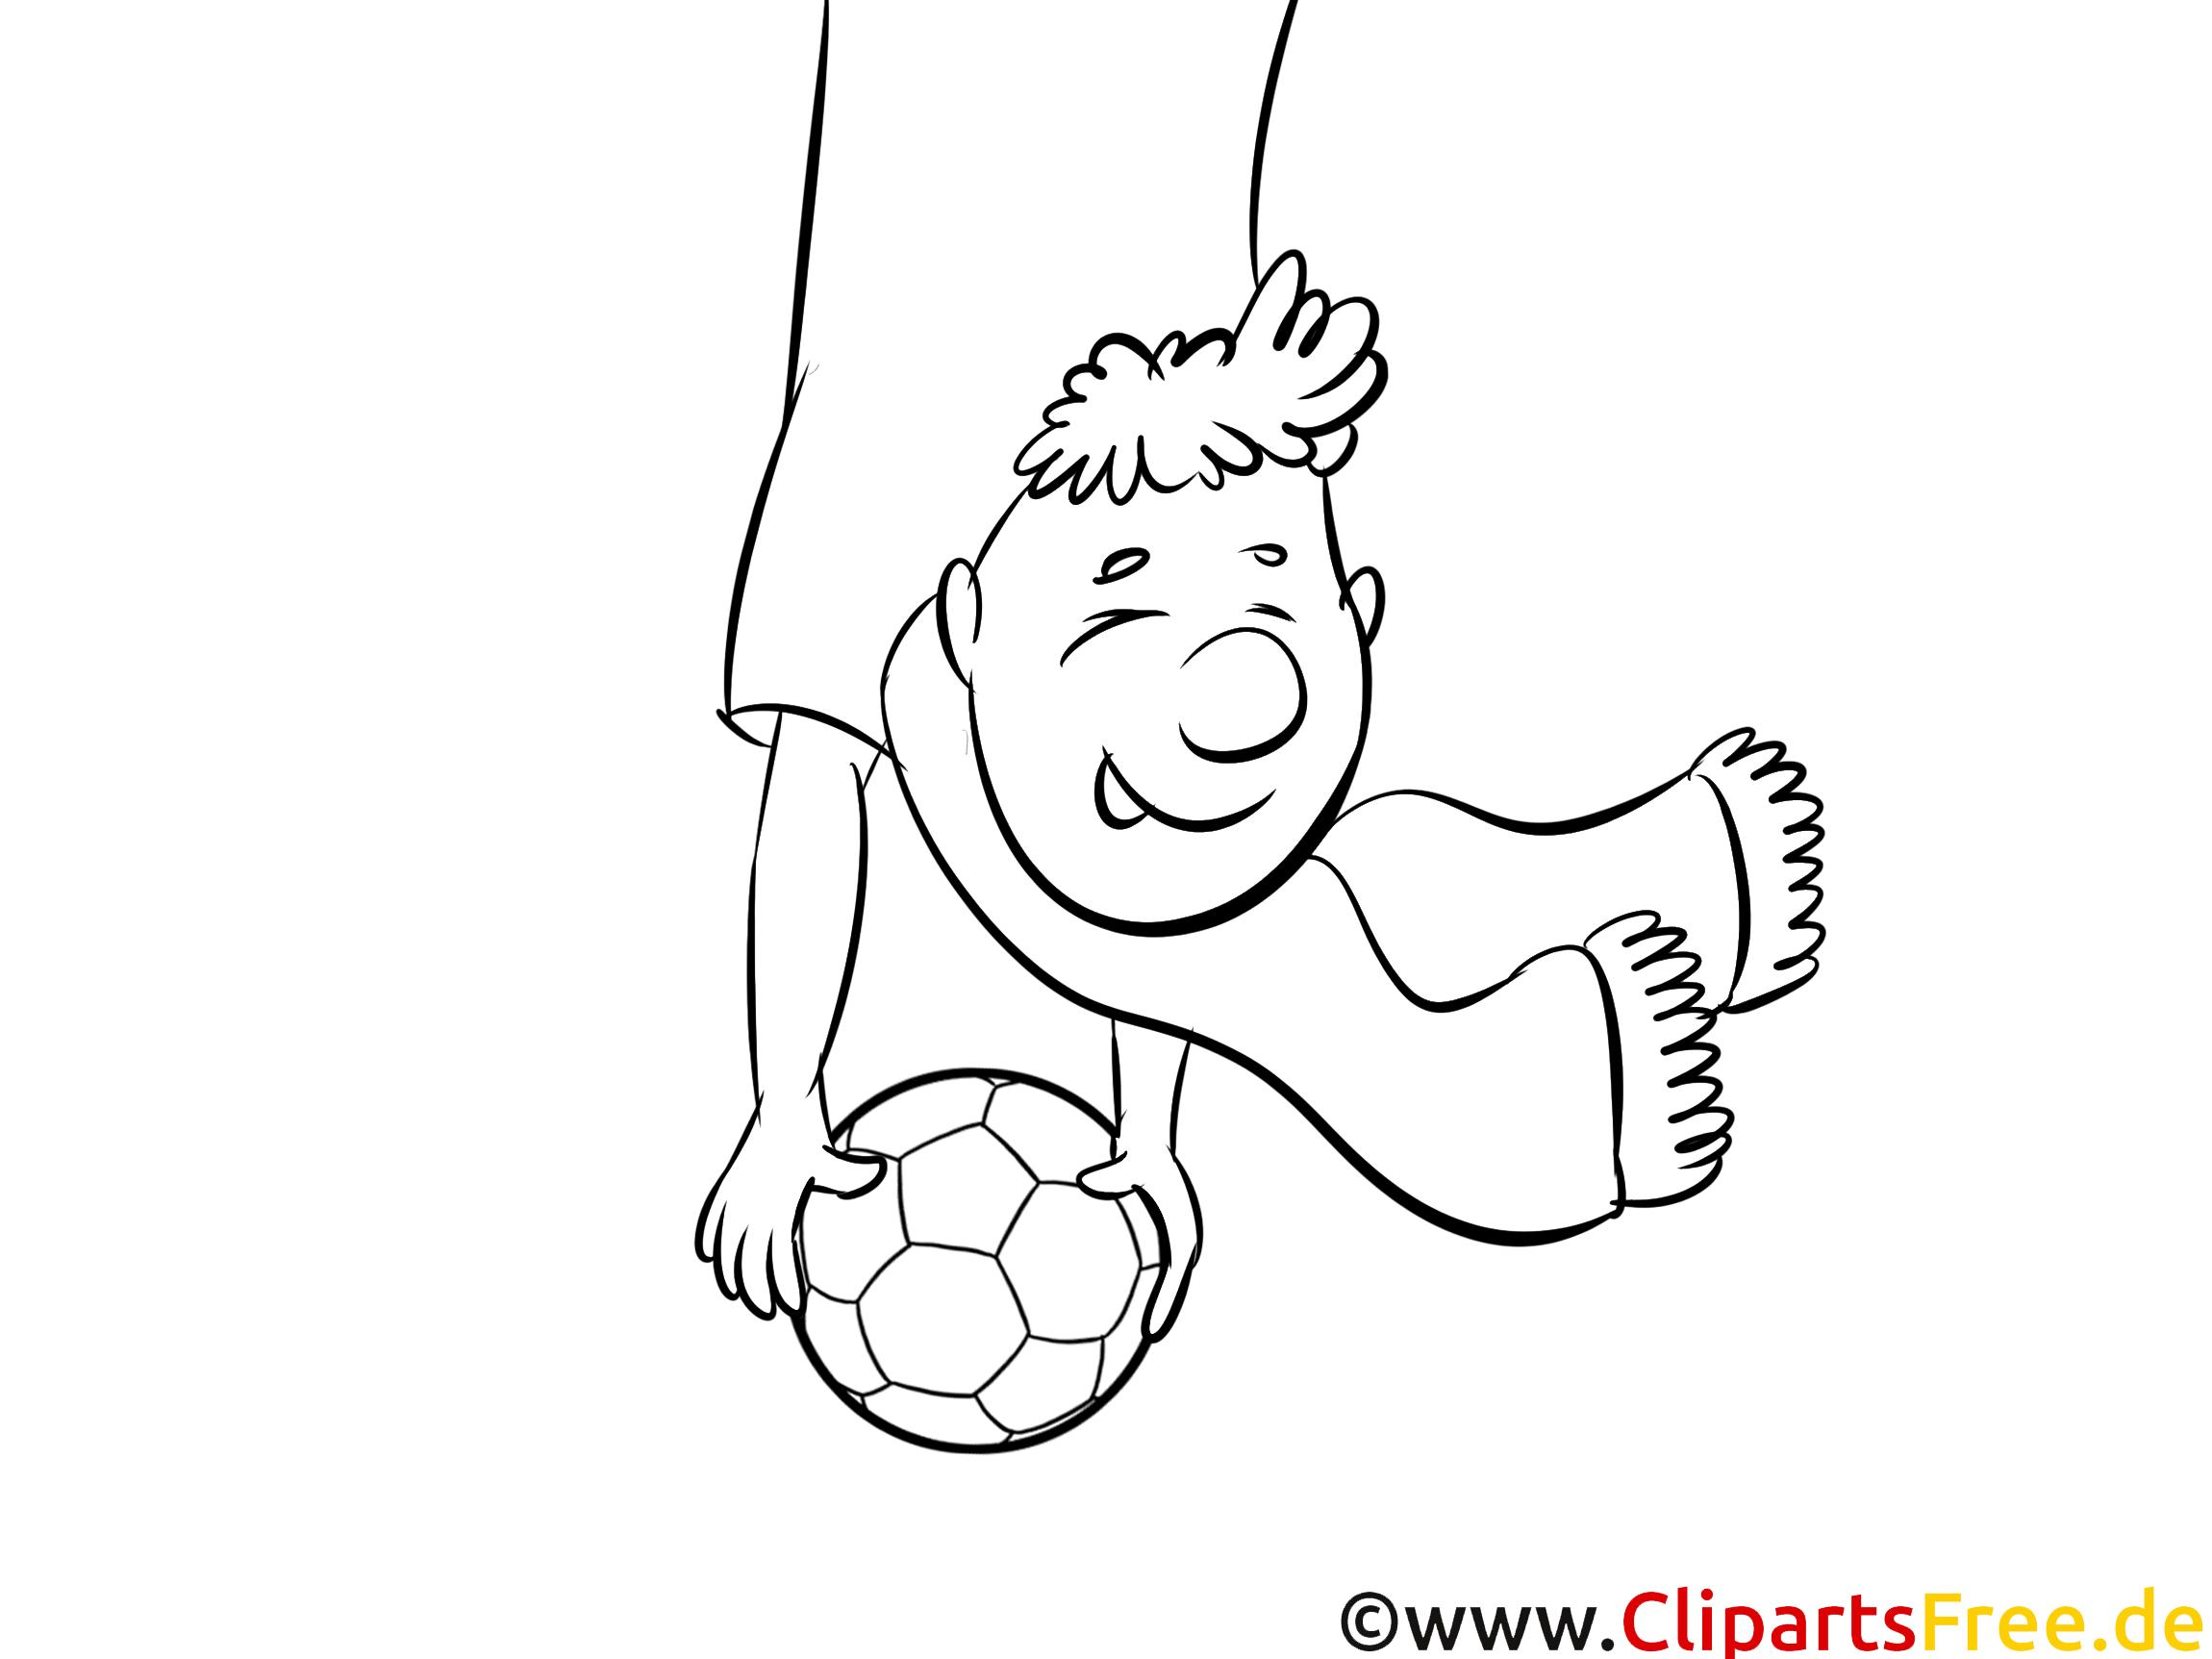 Fussball Bild lustig zum Ausmalen